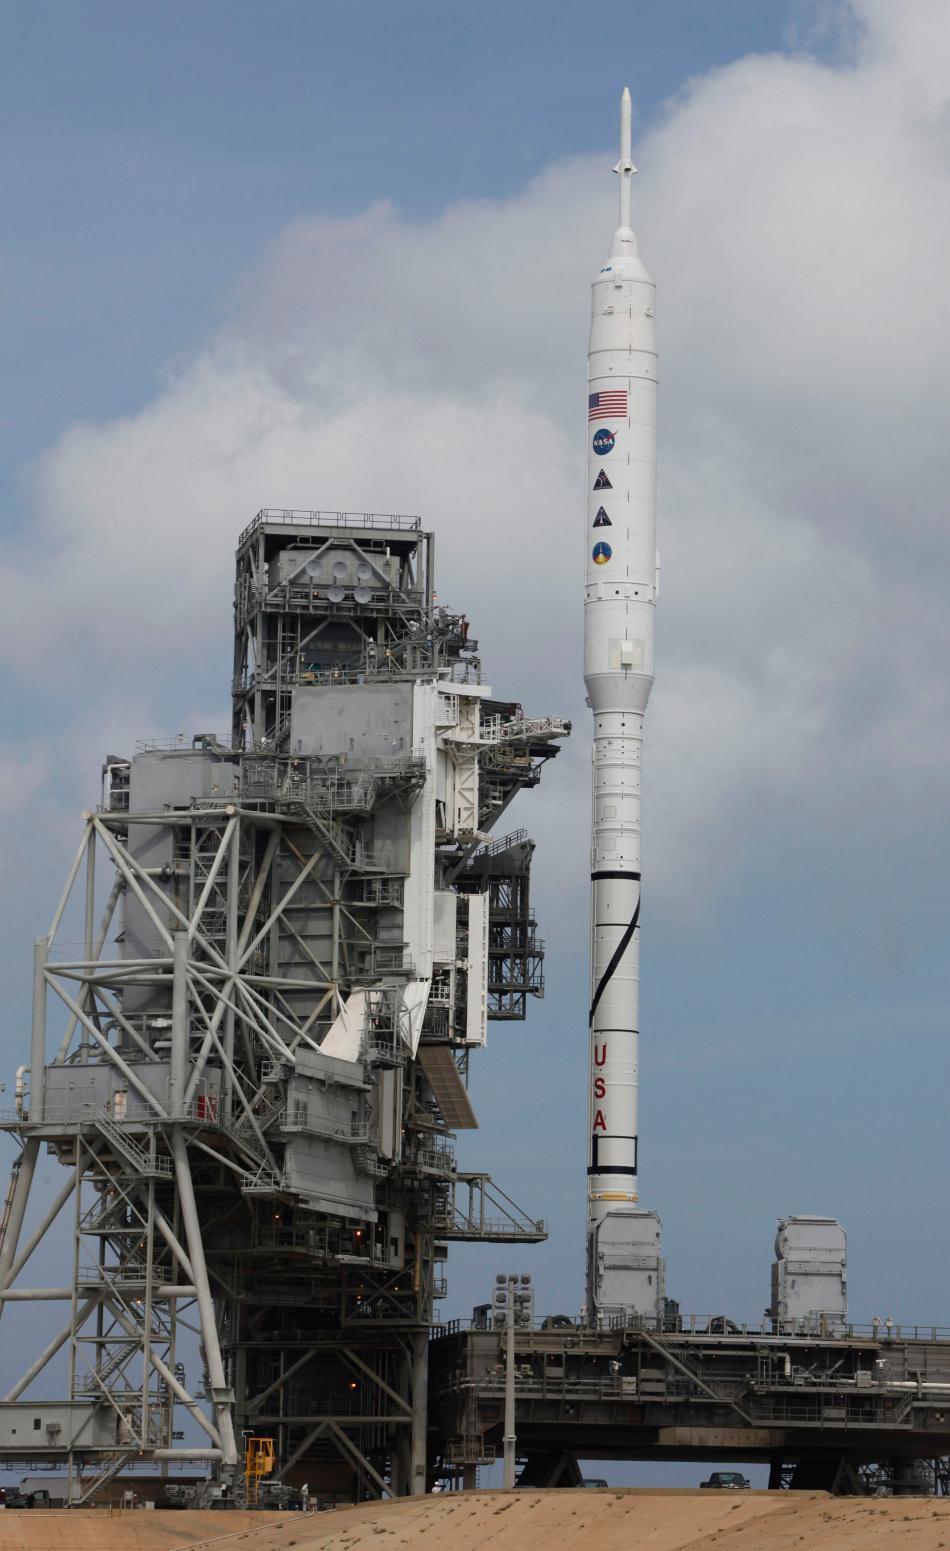 火箭推��fj_高清组图 美国试射新一代载人火箭战神1-x